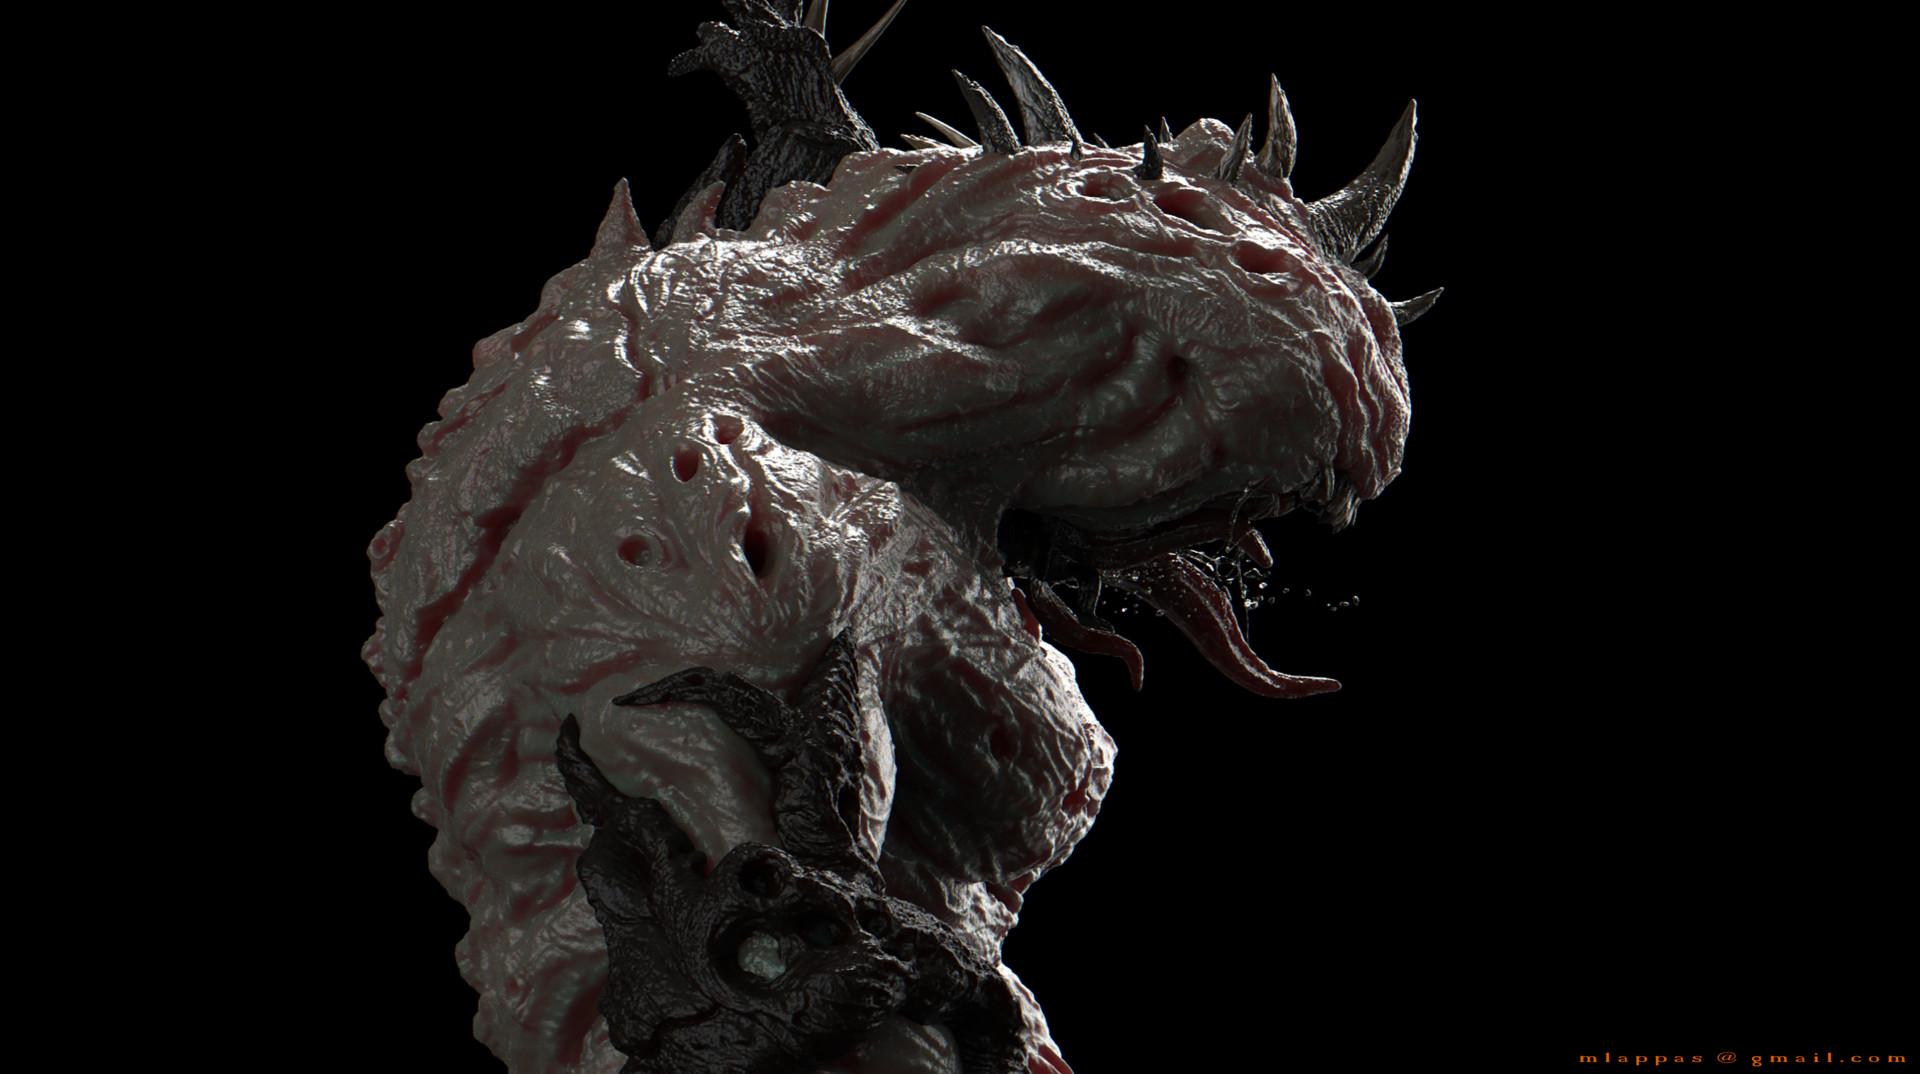 Manthos Lappas - Creature 3D d...